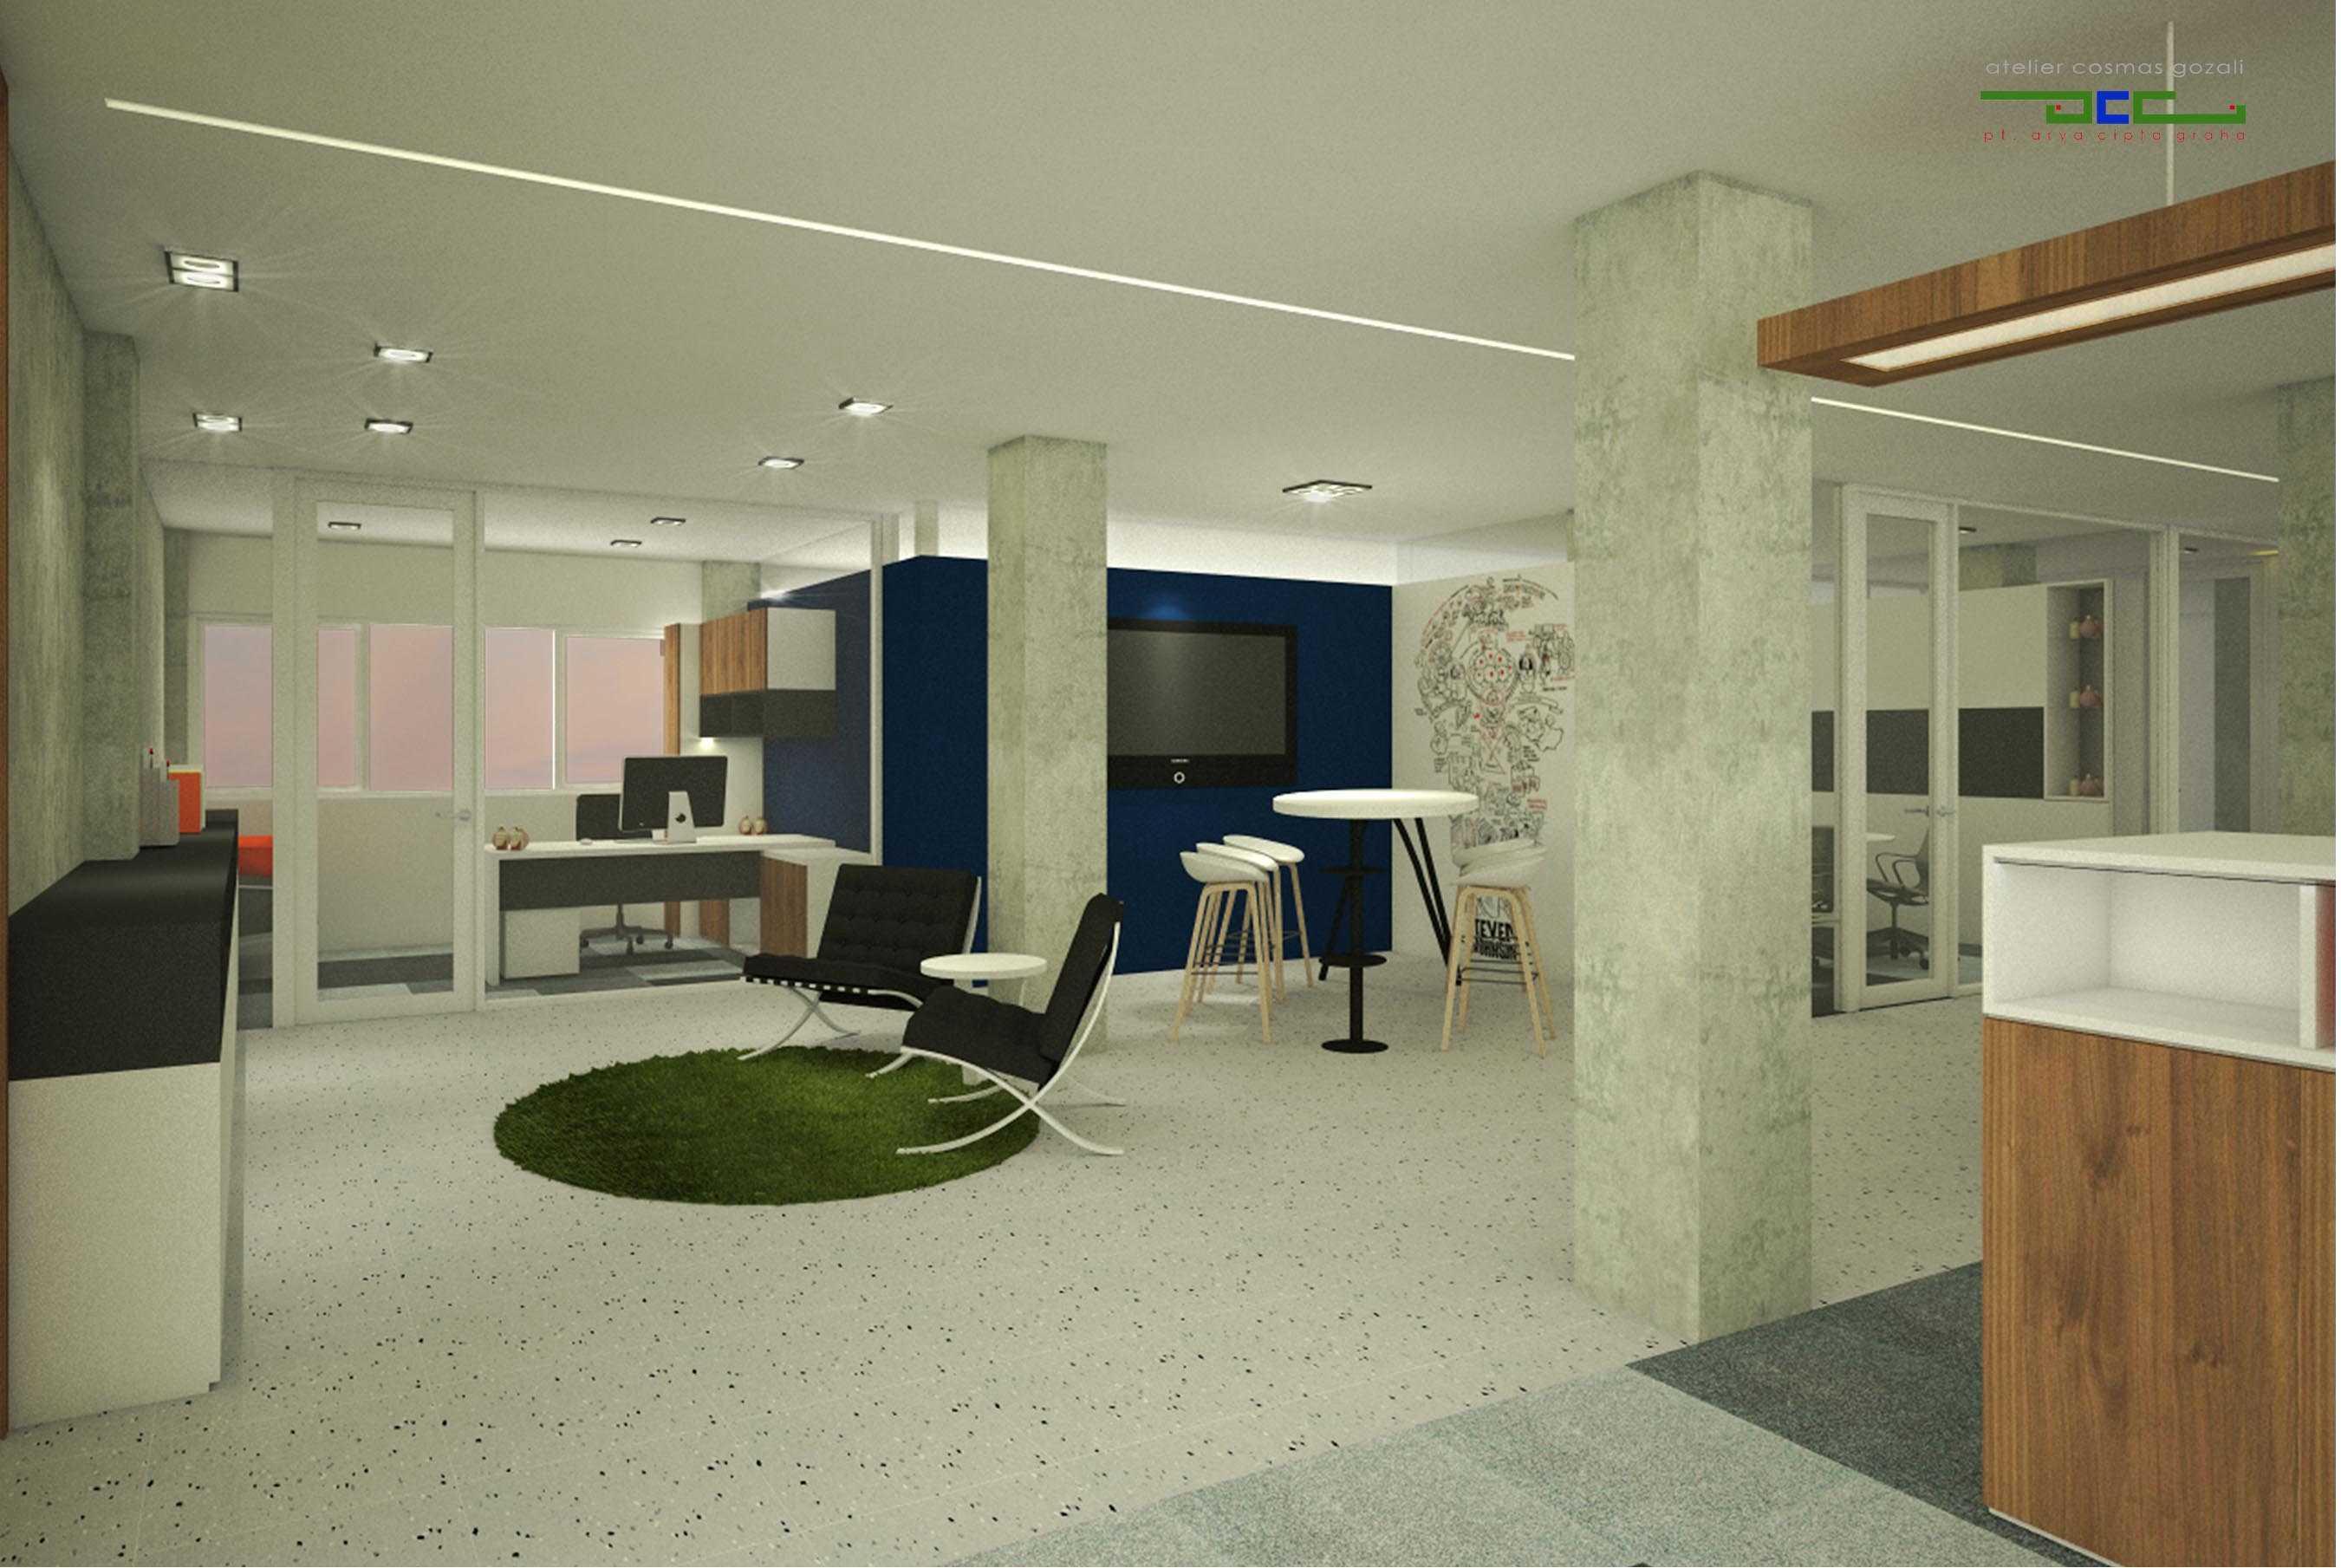 Atelier Cosmas Gozali Office At Otista Jakarta Jakarta Working Area Kontemporer  24664